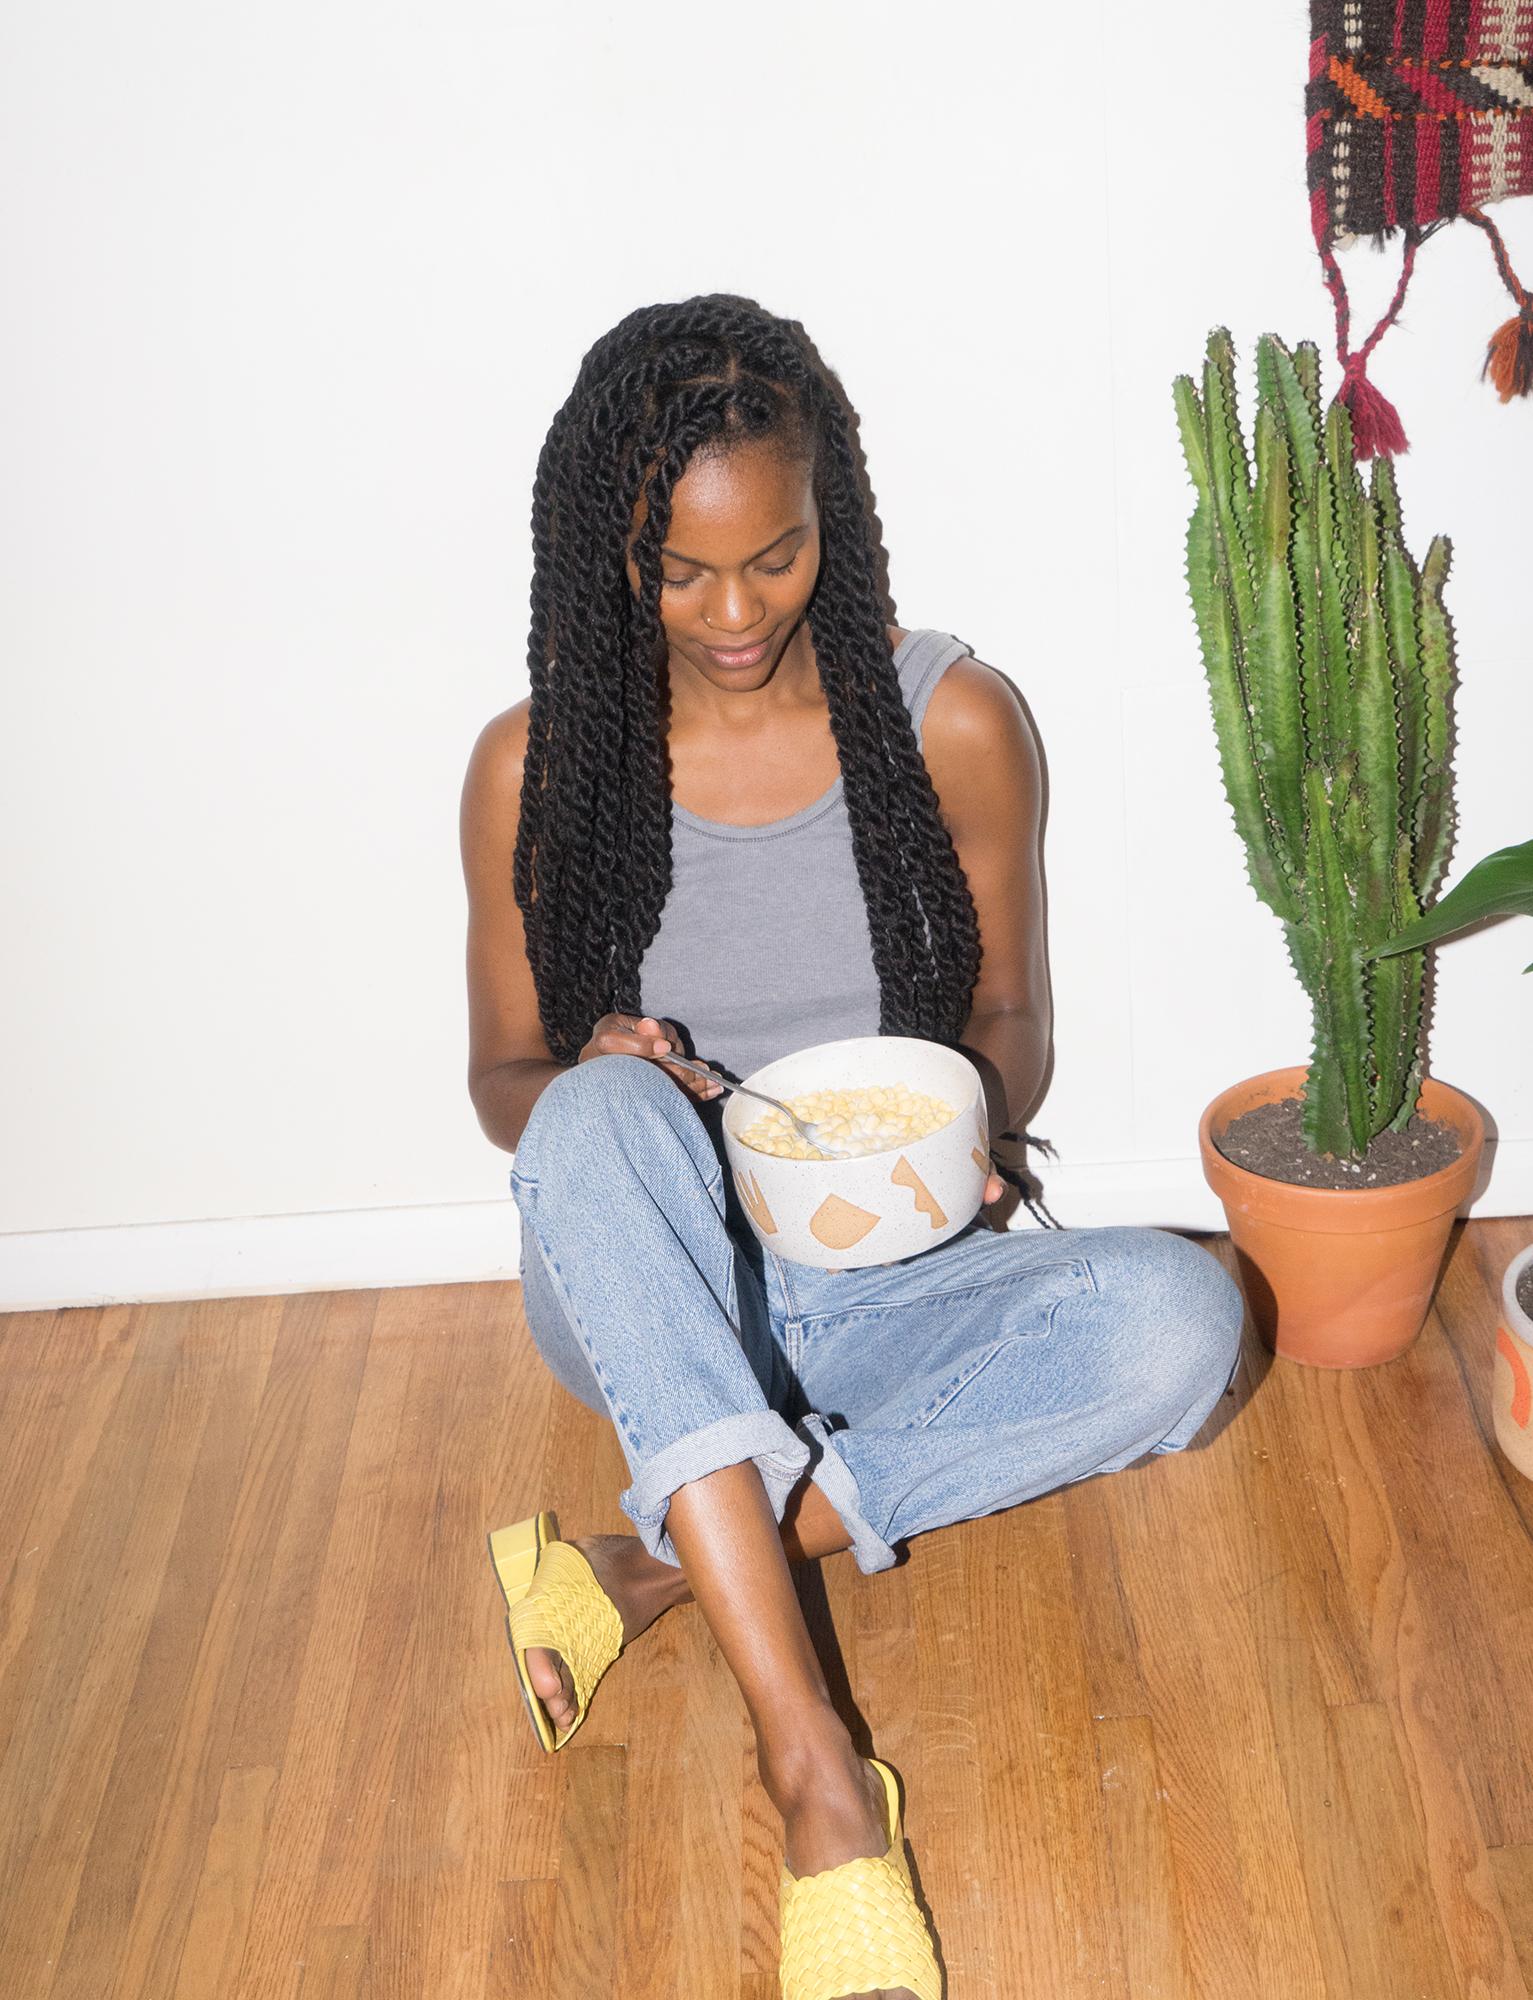 PHOTO: KENESHA SNEED